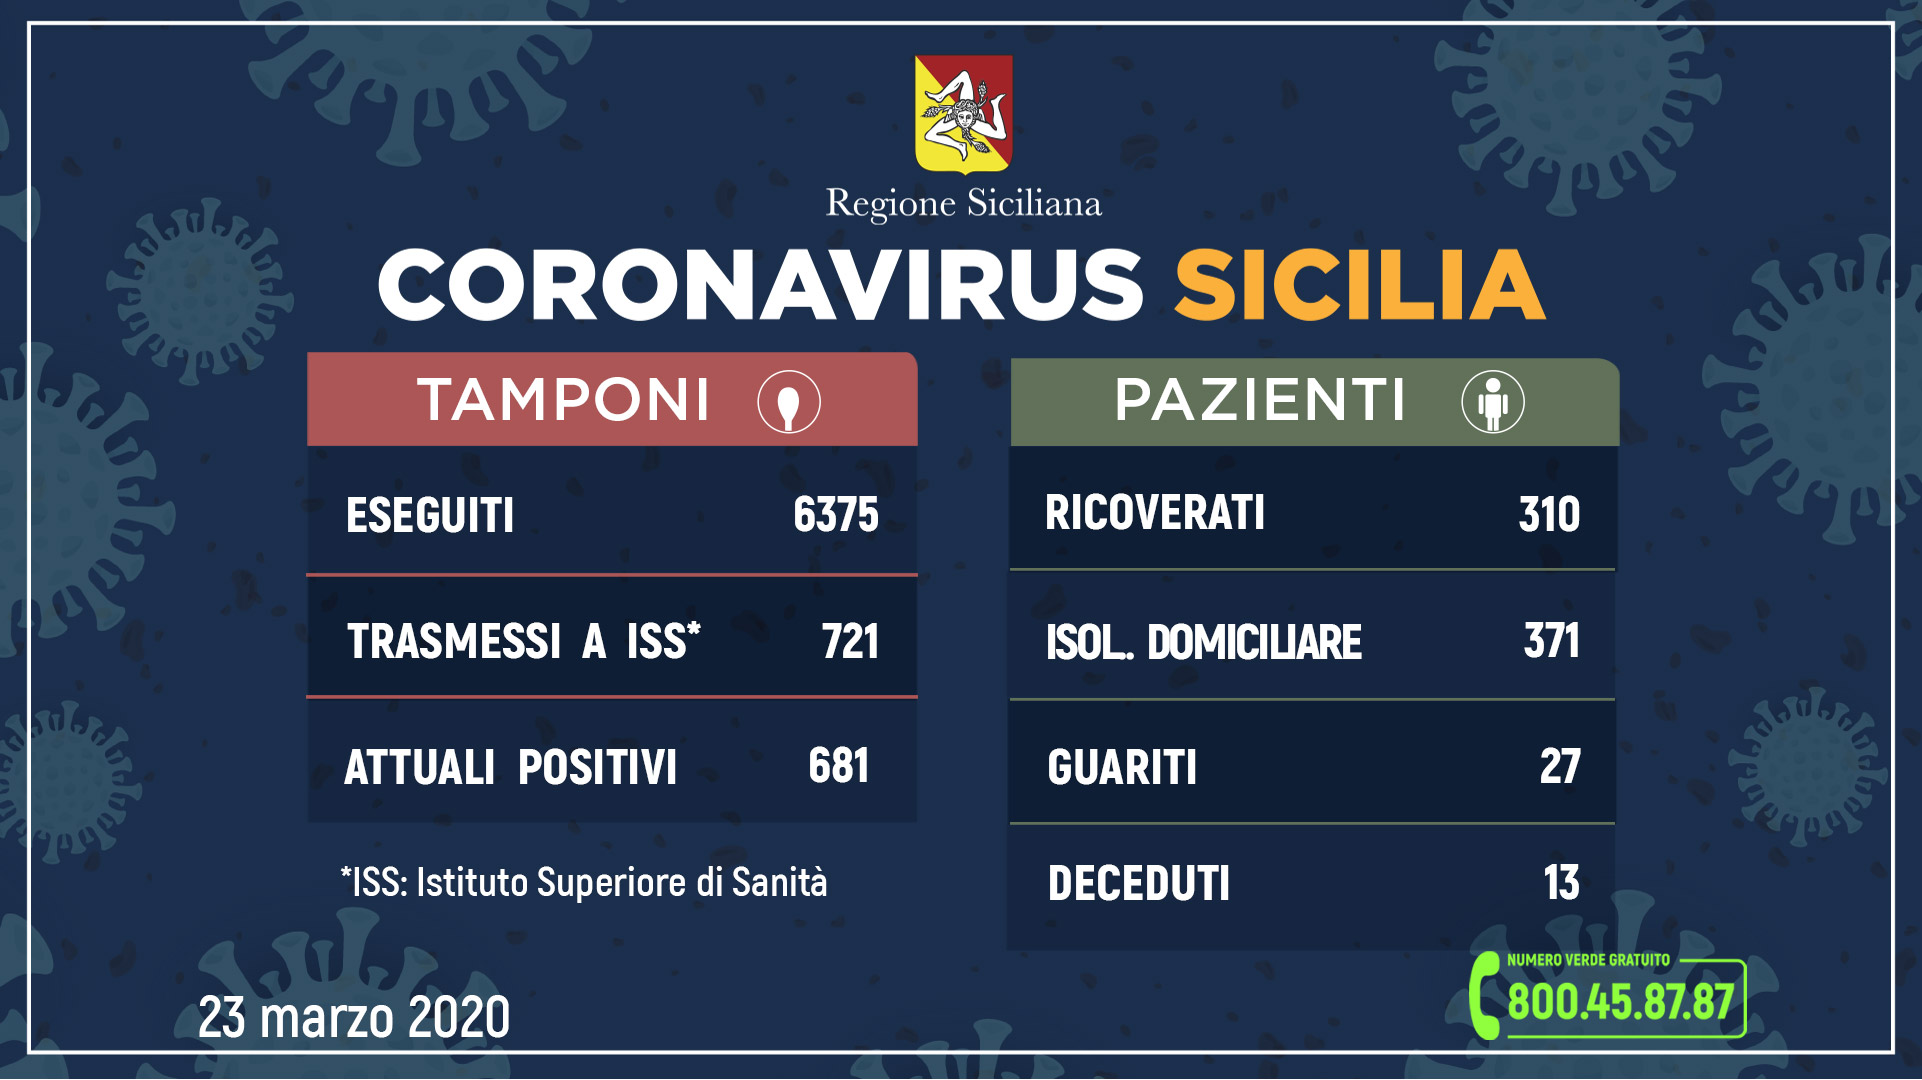 Coronavirus: l'aggiornamento in Sicilia, 681 attuali positivi 27 guariti